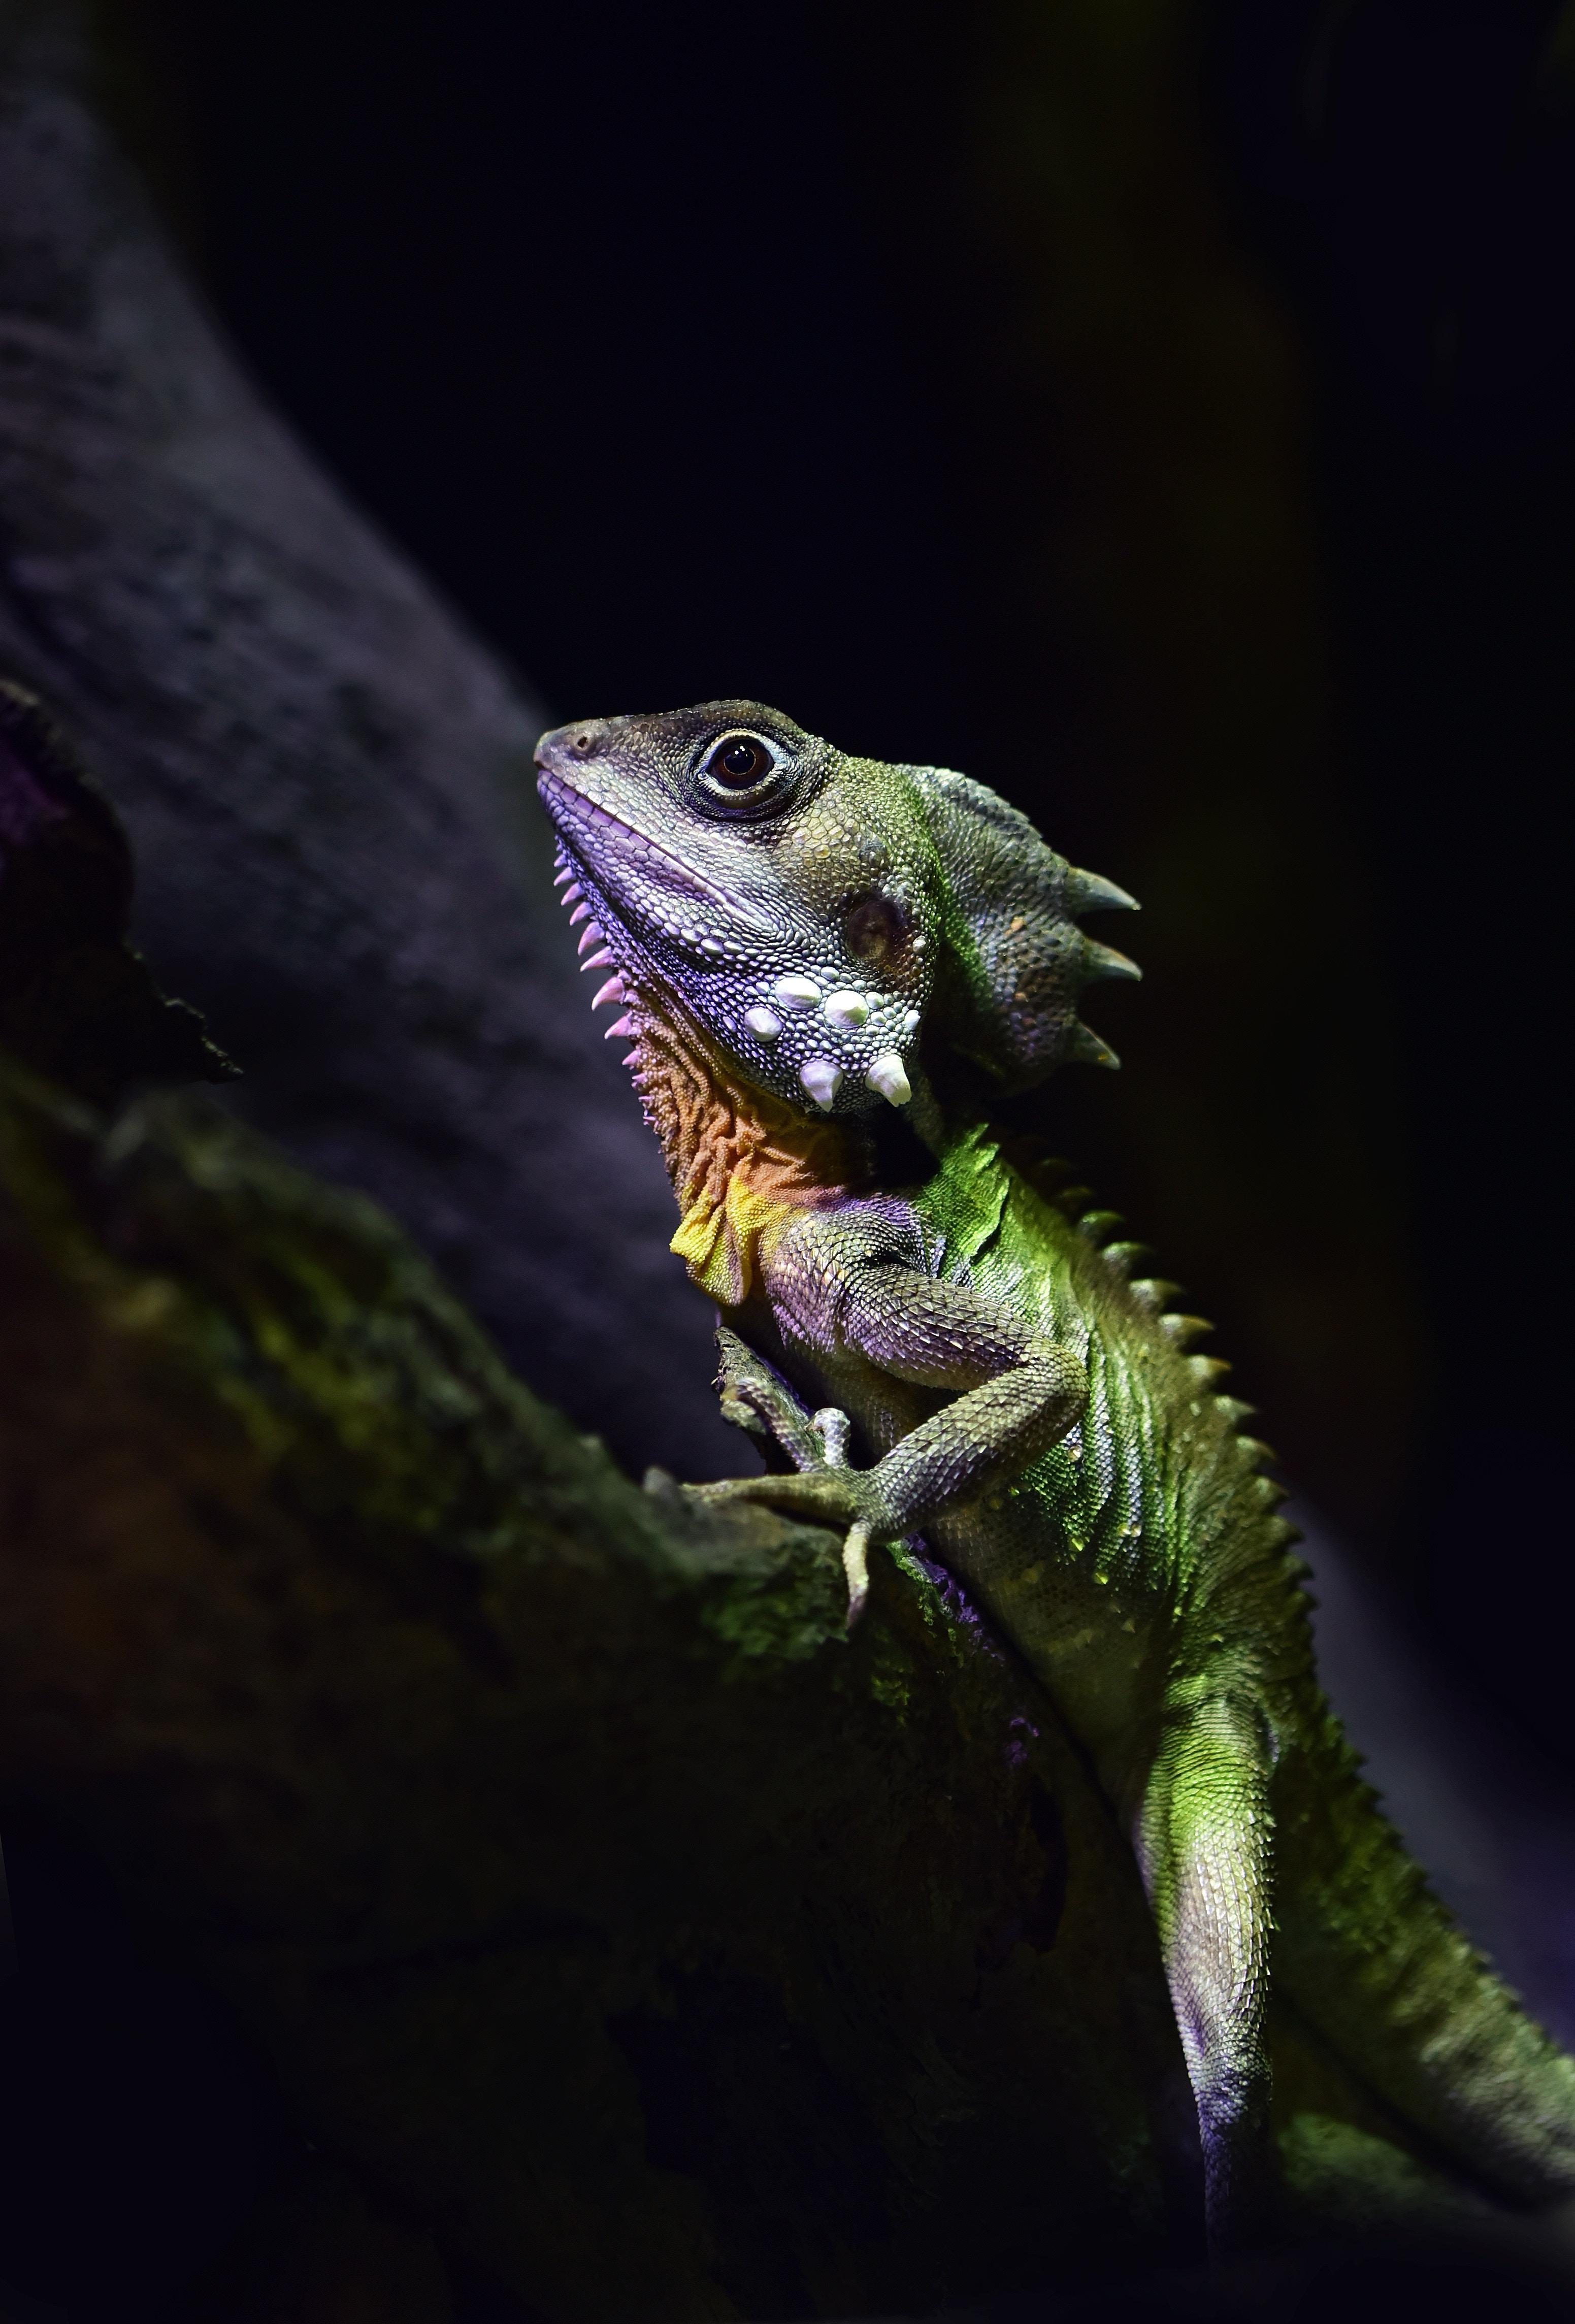 154549 Hintergrundbild herunterladen Tiere, Eidechse, Reptil, Reptile, Australischer Walddrache, Australian Forest Dragon - Bildschirmschoner und Bilder kostenlos